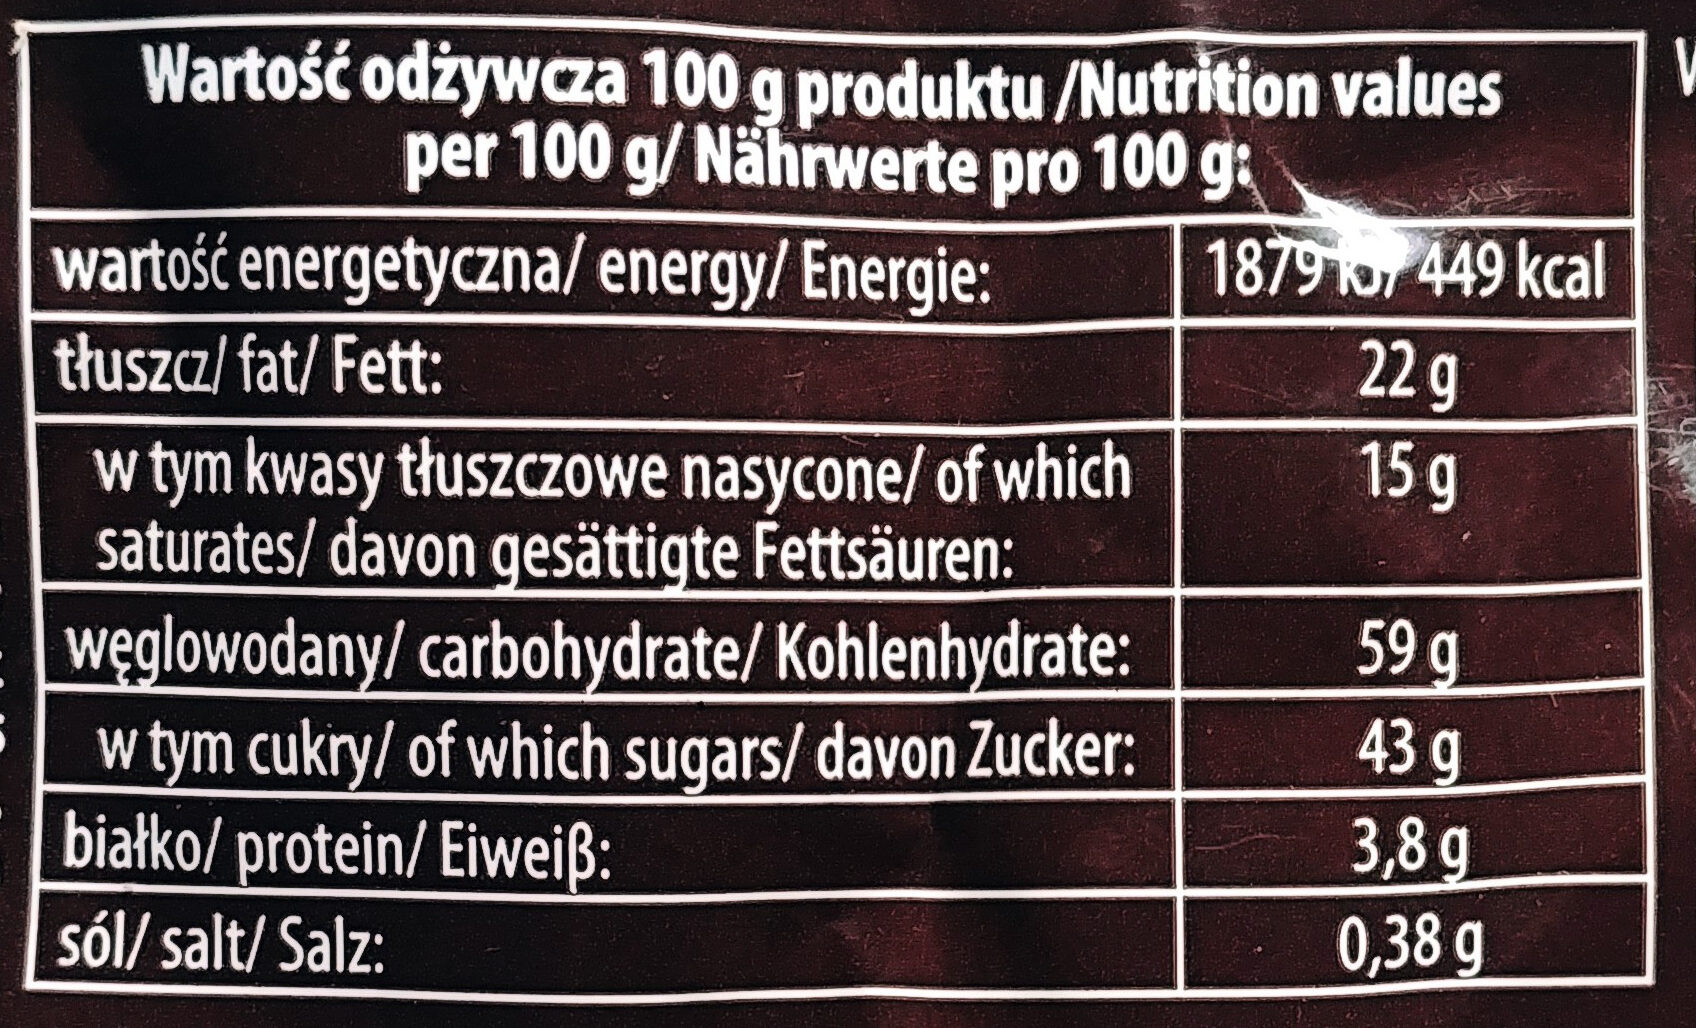 Tofflairs czekoladowo-mleczny - Wartości odżywcze